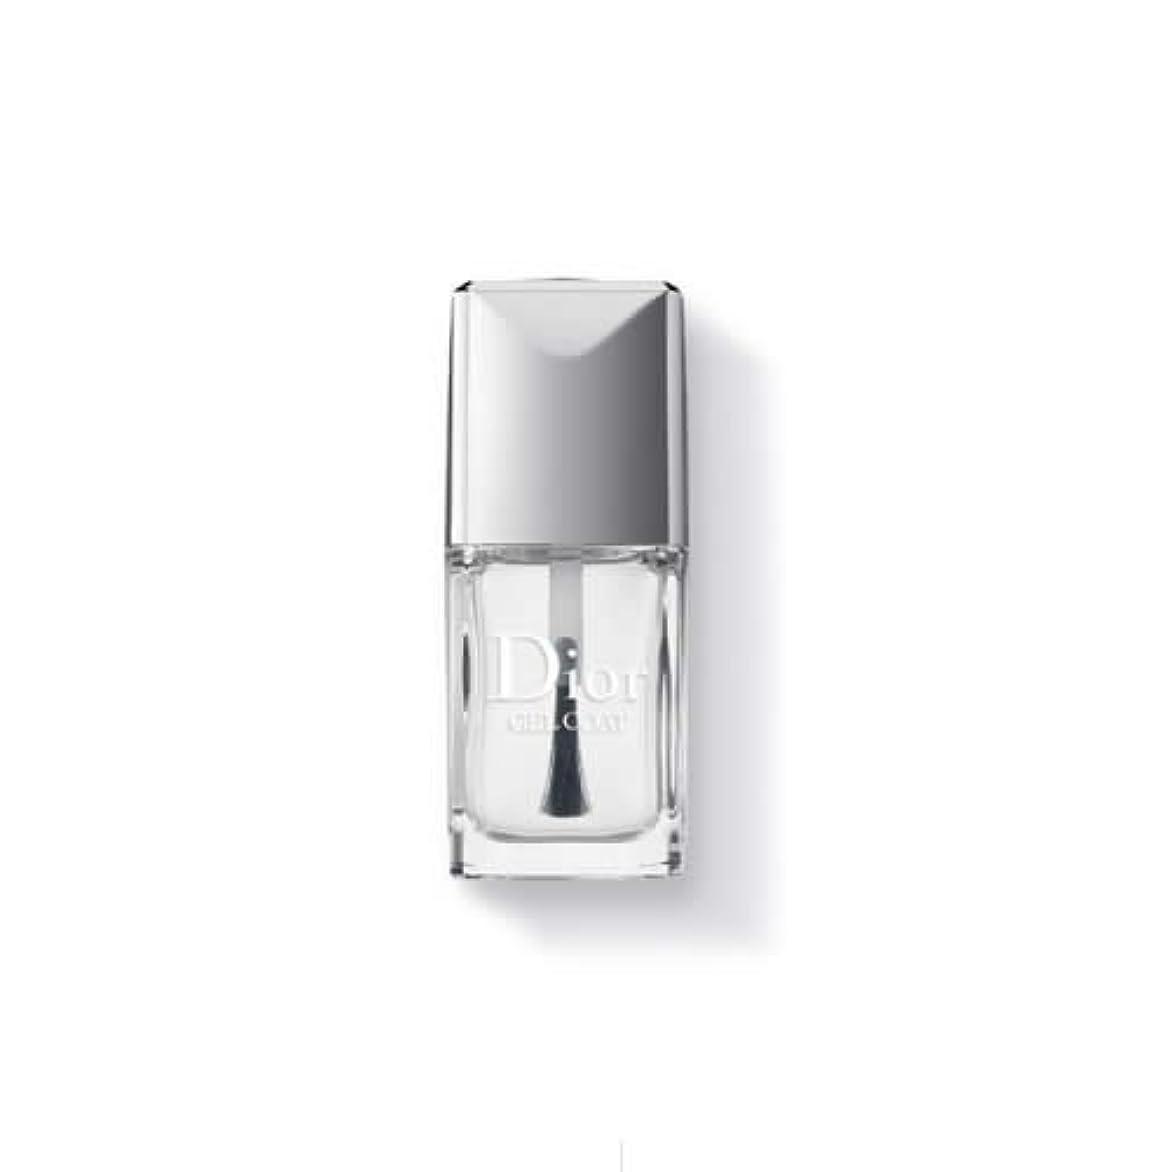 ボード階層電報Dior ジェルトップコート 10ml [084598] [並行輸入品]